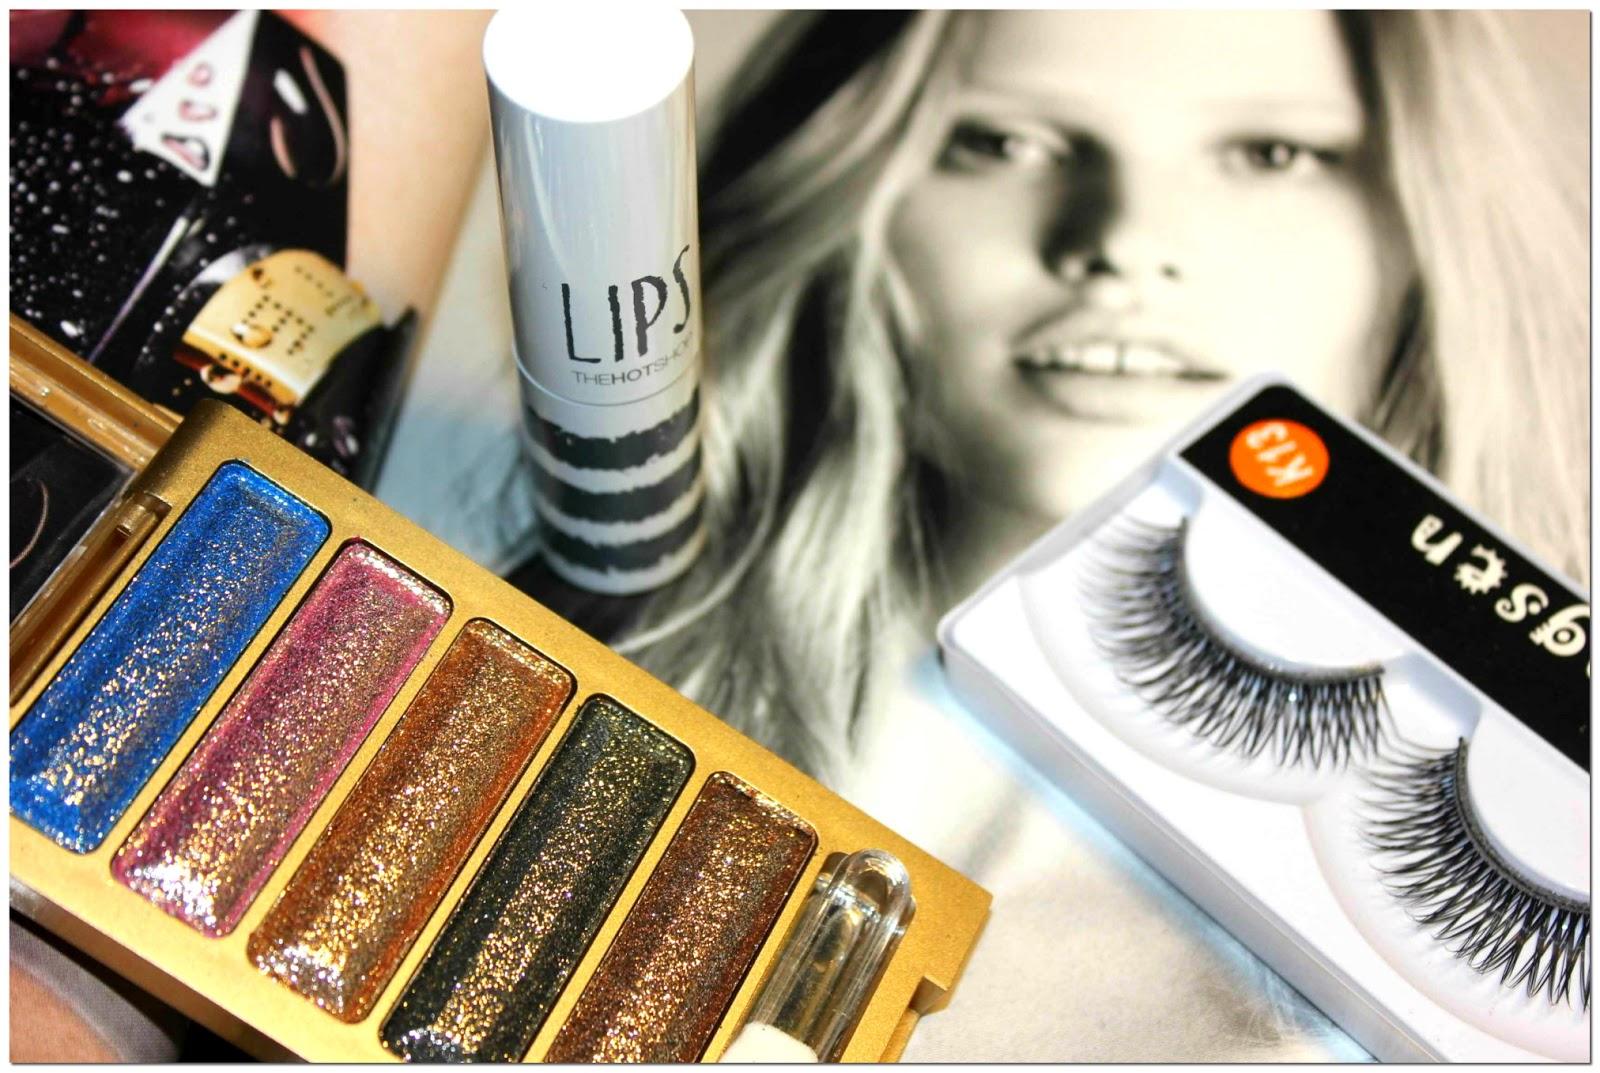 Отзыв: Бюджетно. «Антикризисный» макияж с шиммерной палеткой теней и накладными ресницами из интернет-магазина BornPrettyStore.